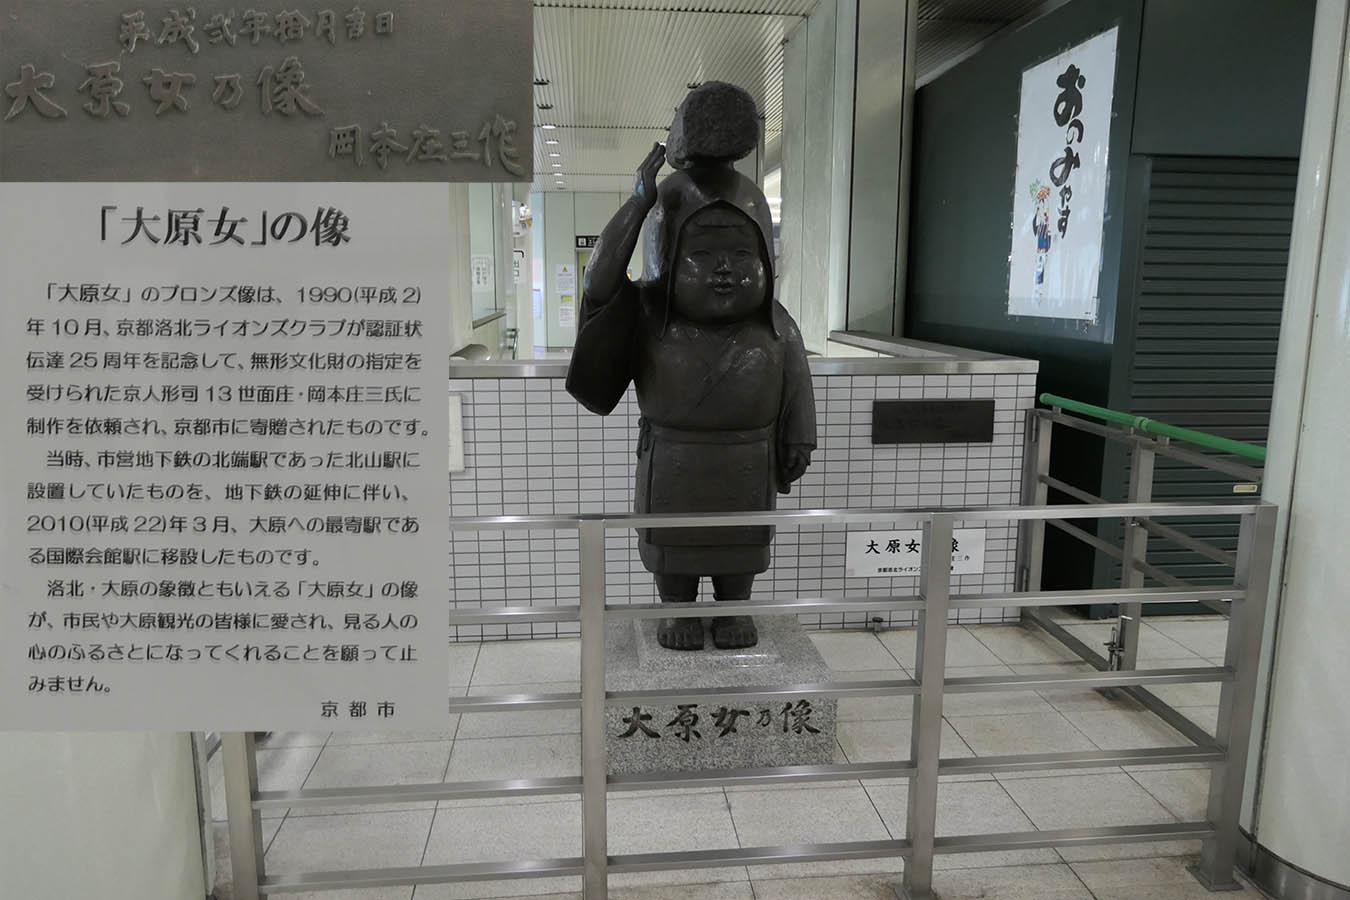 K01_photo06.jpg